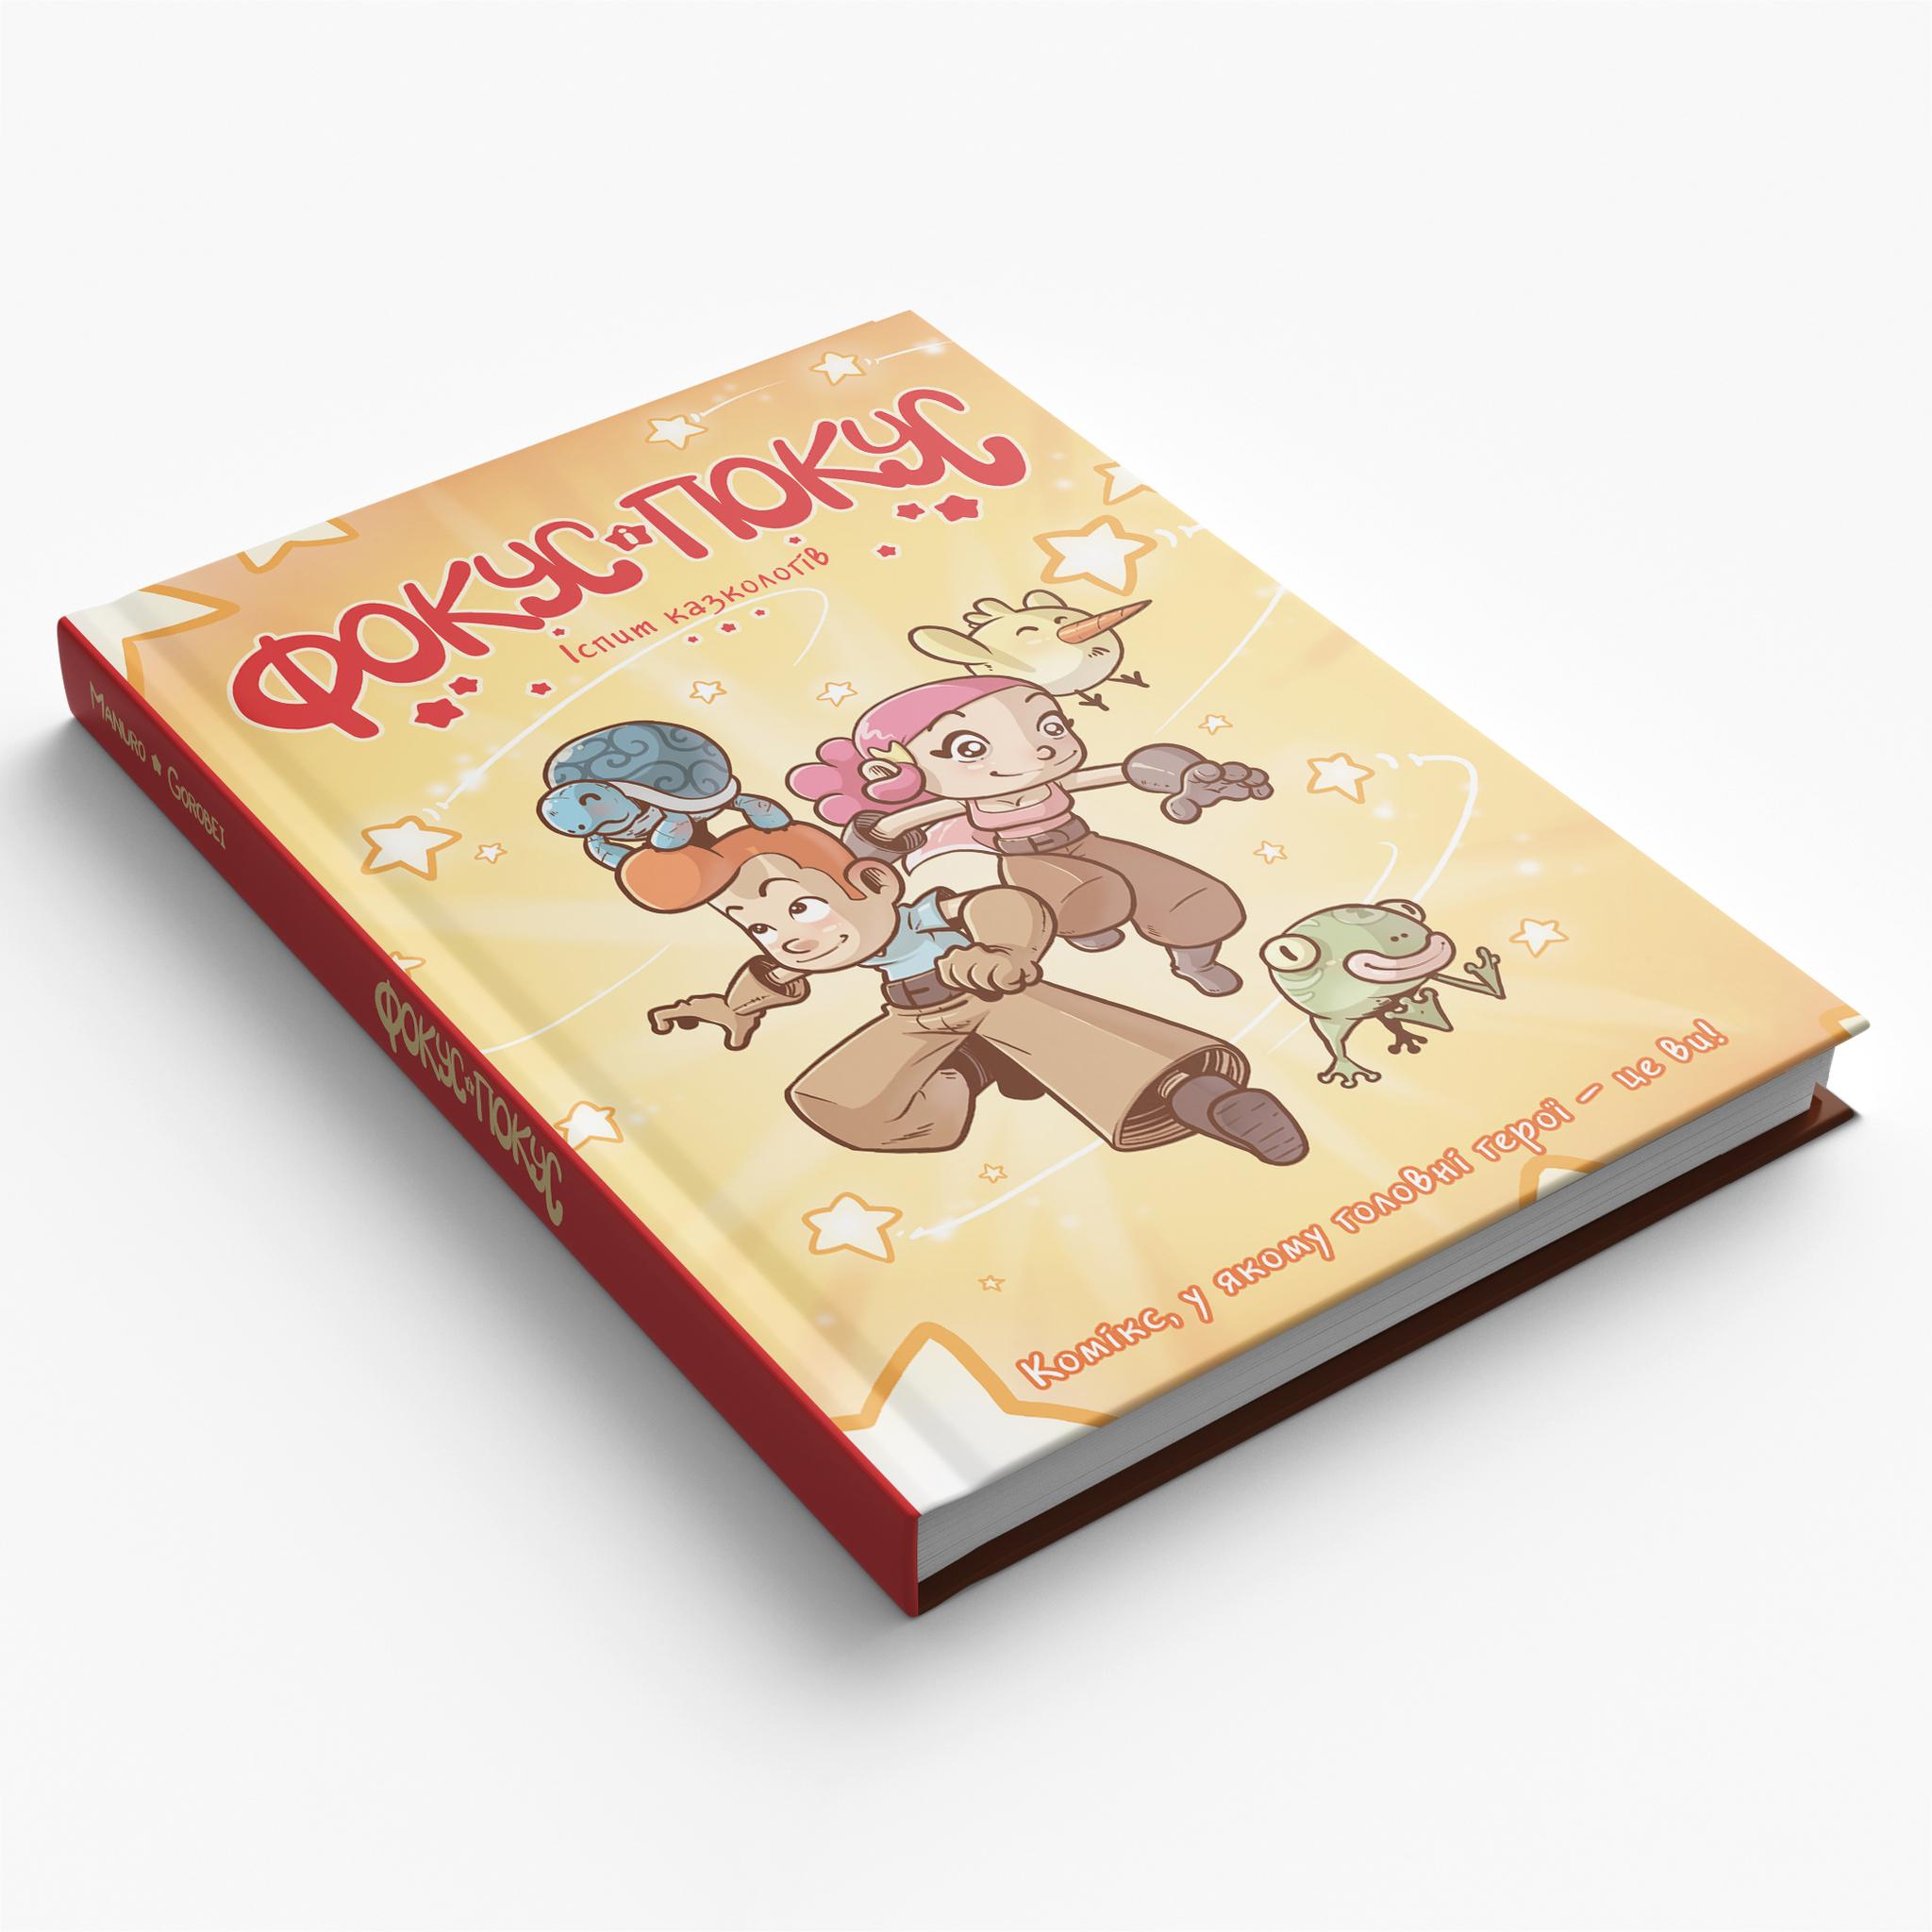 Комикс-квест: Фокус и Покус. Экзамен сказкологов (8+, укр)